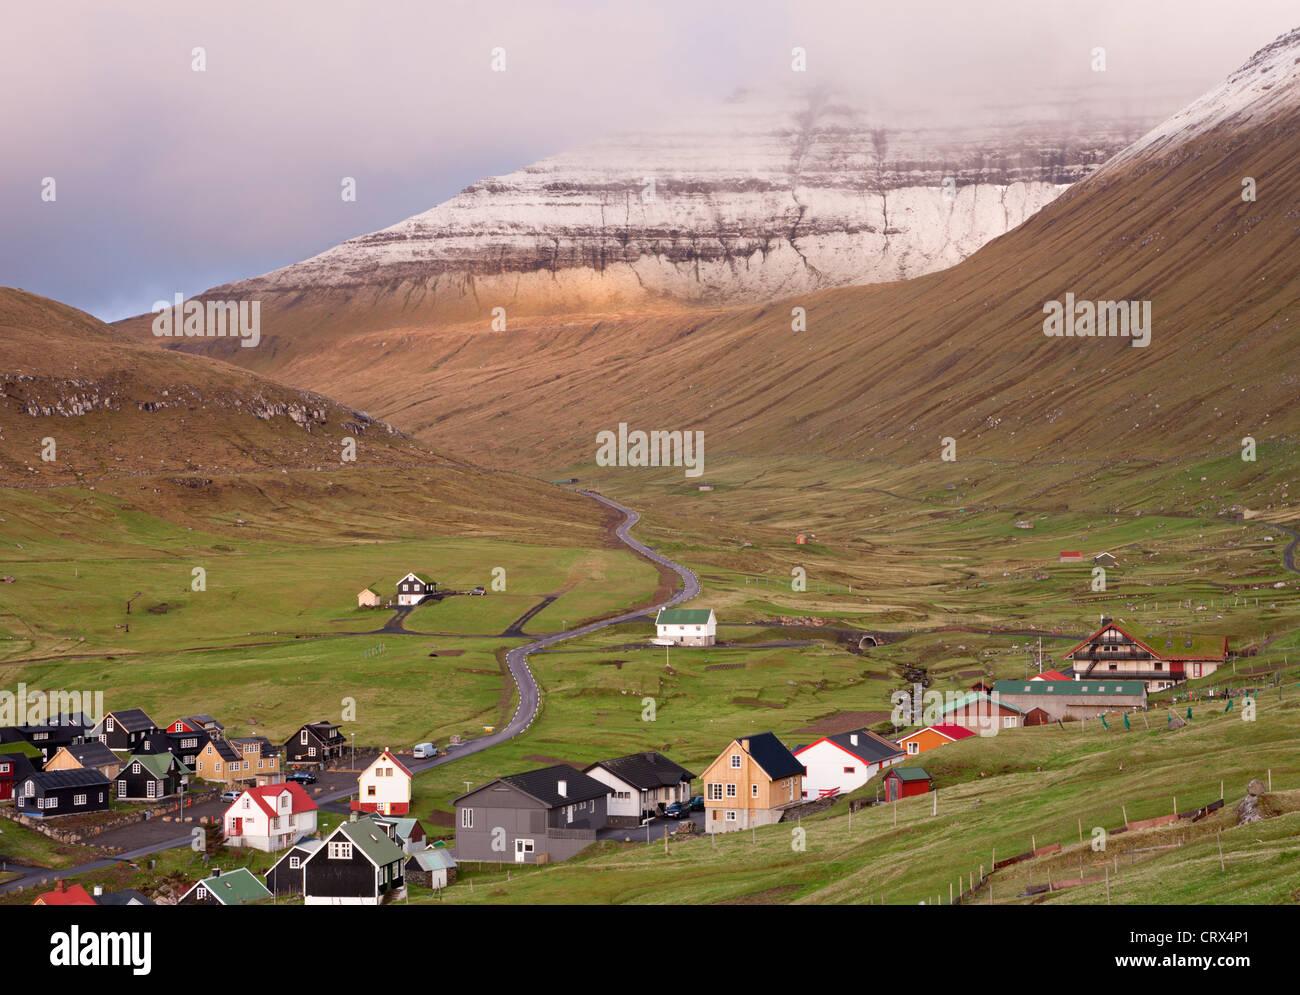 Mais confortables et disposent de village sur l'île de Eysturoy, Îles Féroé. Printemps (juin) Photo Stock